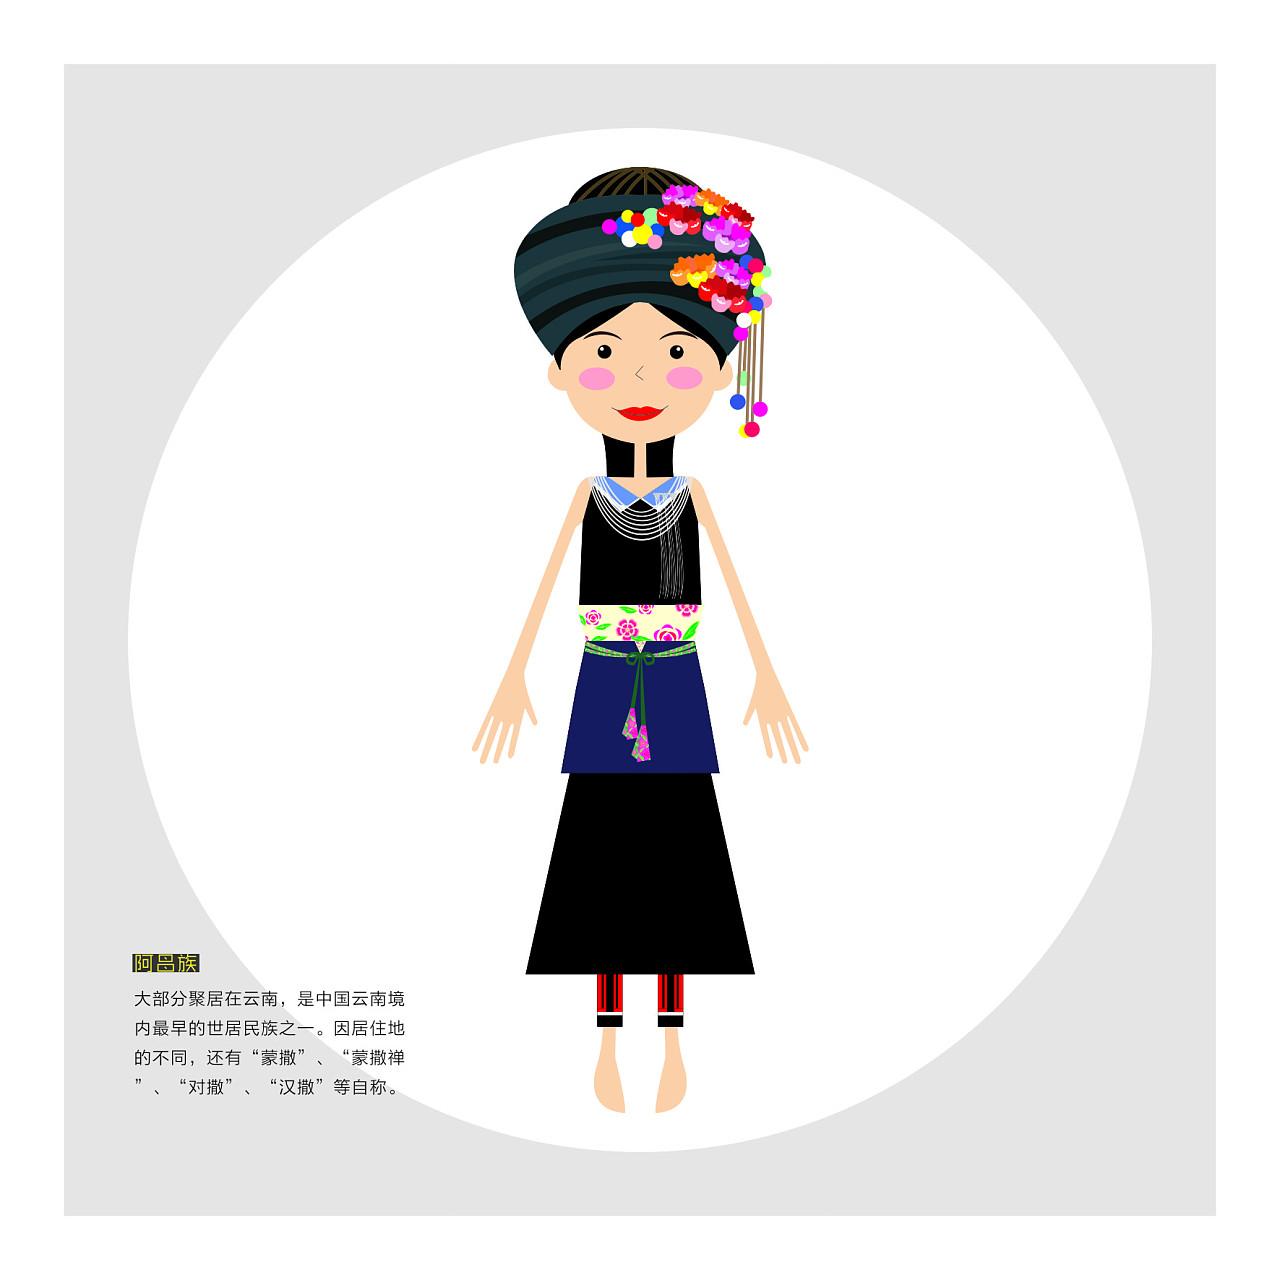 56民族人物形象设计